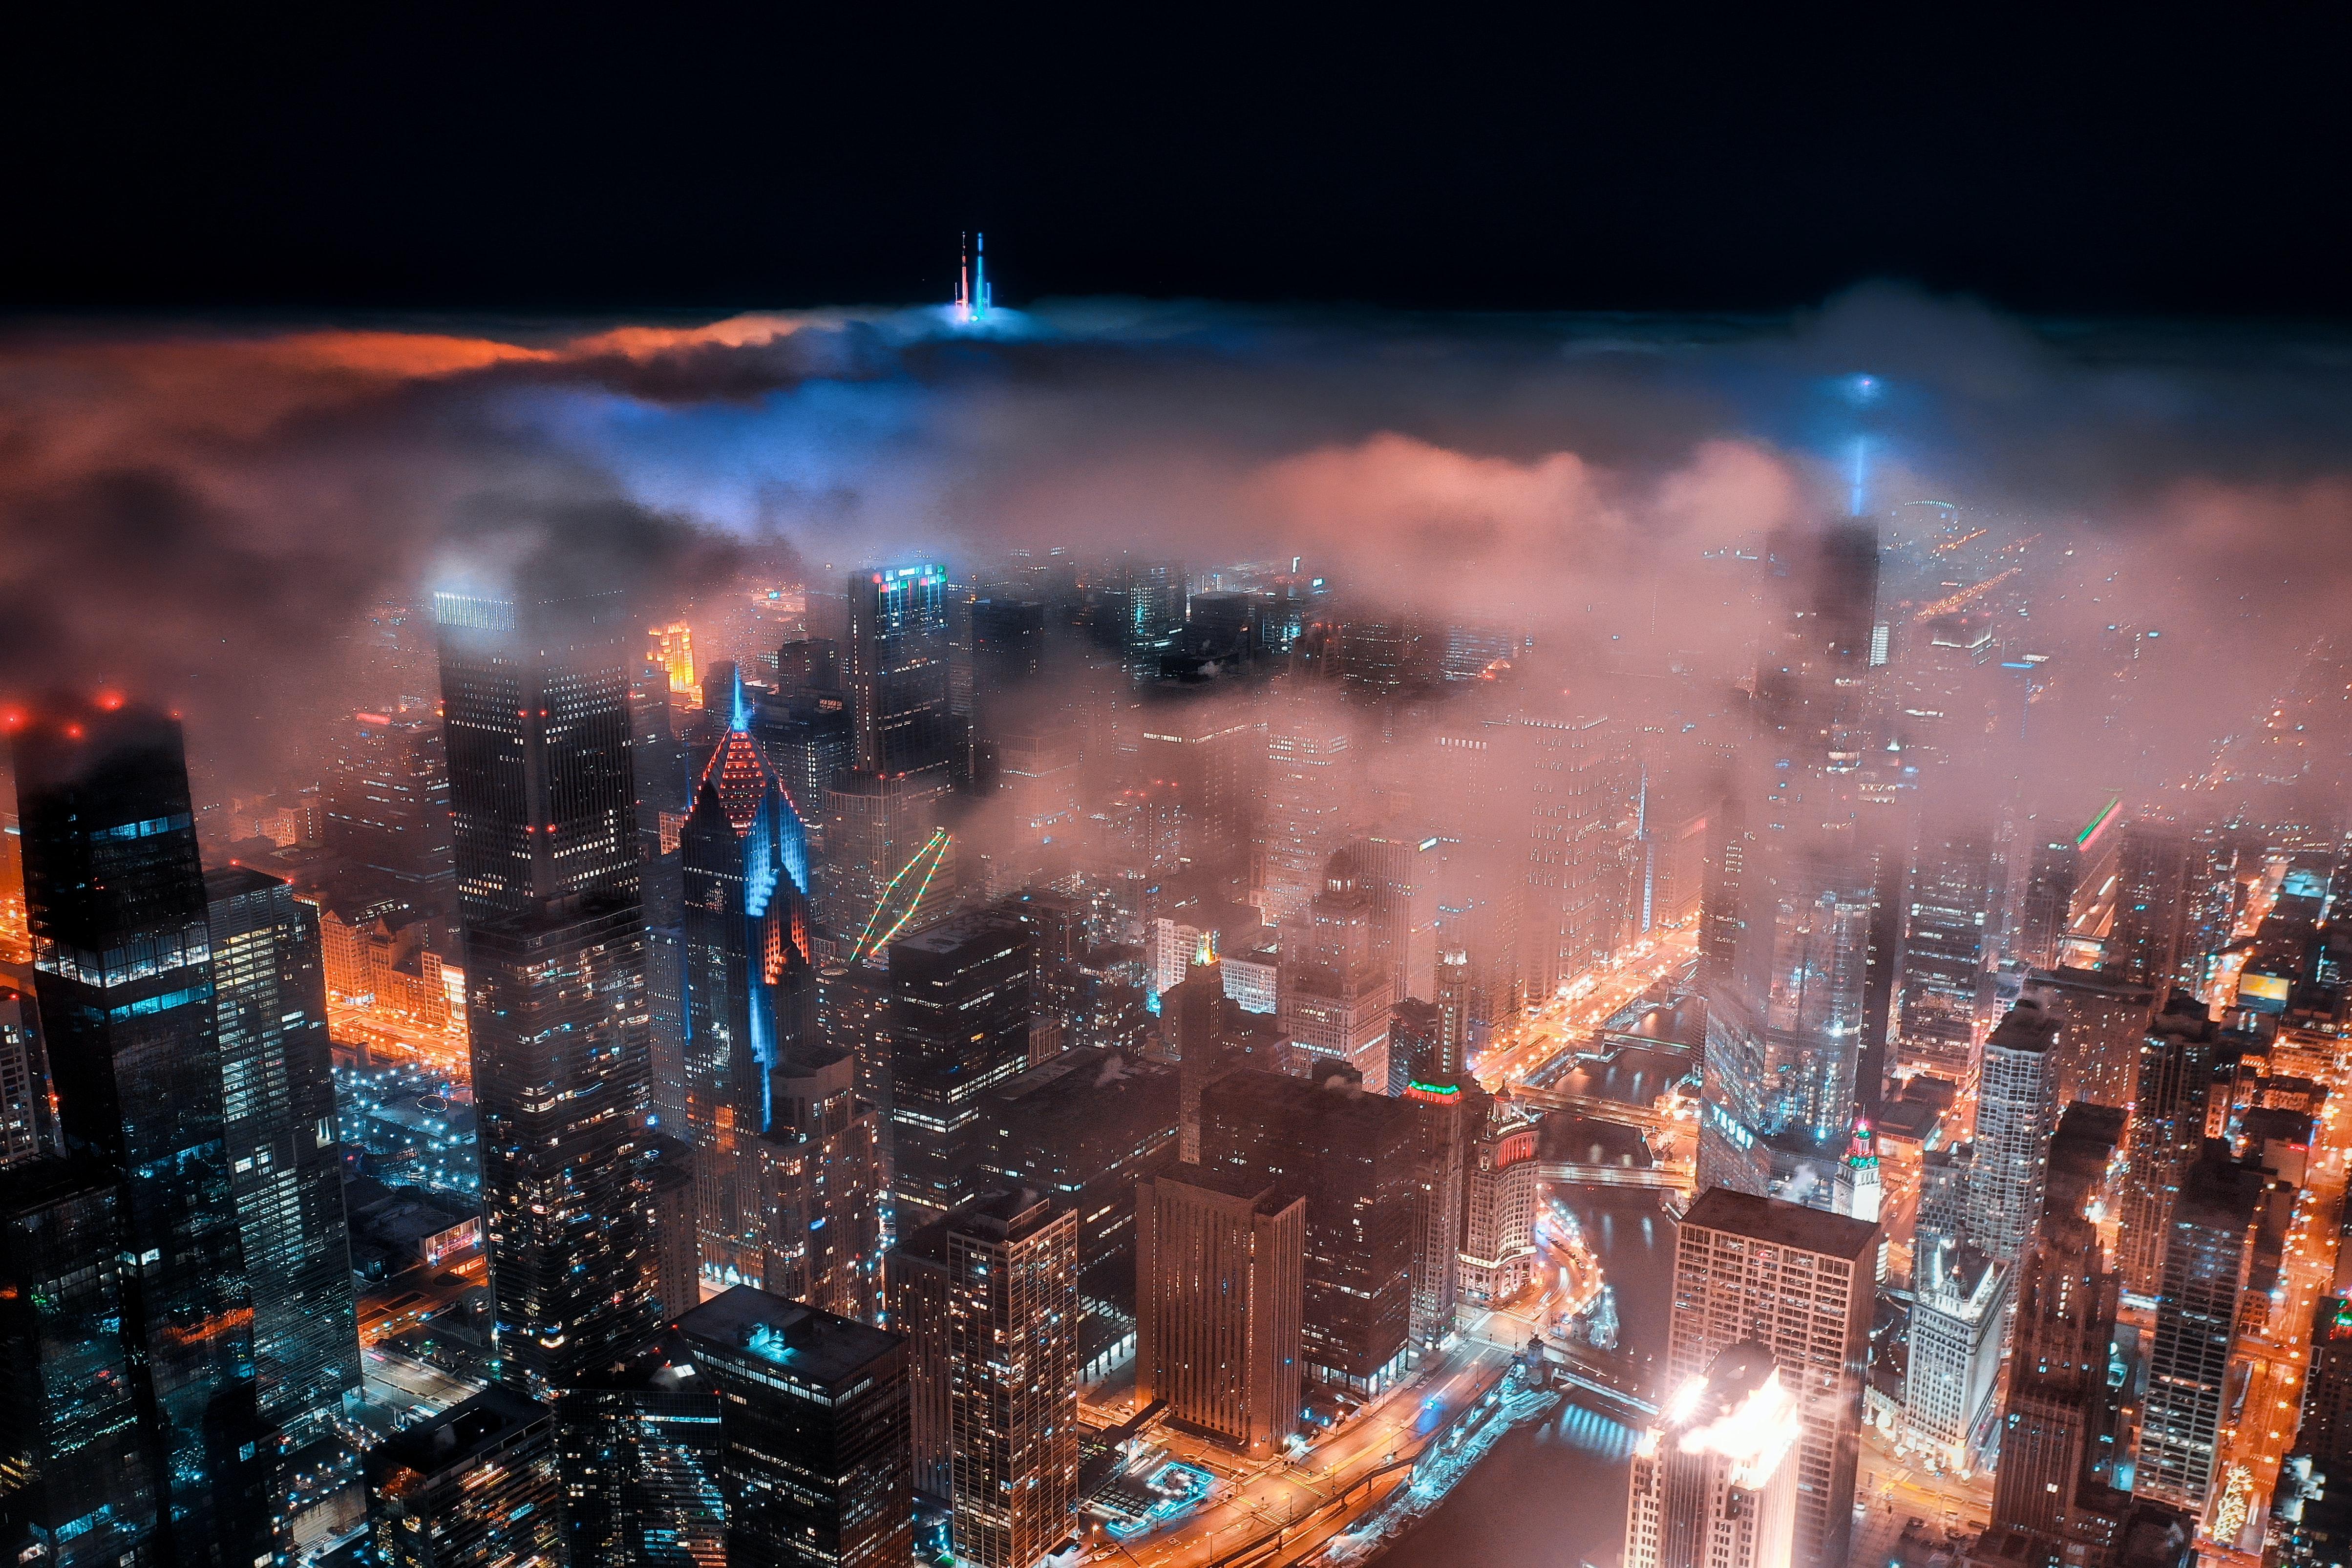 65131 Заставки и Обои Облака на телефон. Скачать Город, Вид Сверху, Здания, Облака, Ночь, Темный, Города картинки бесплатно